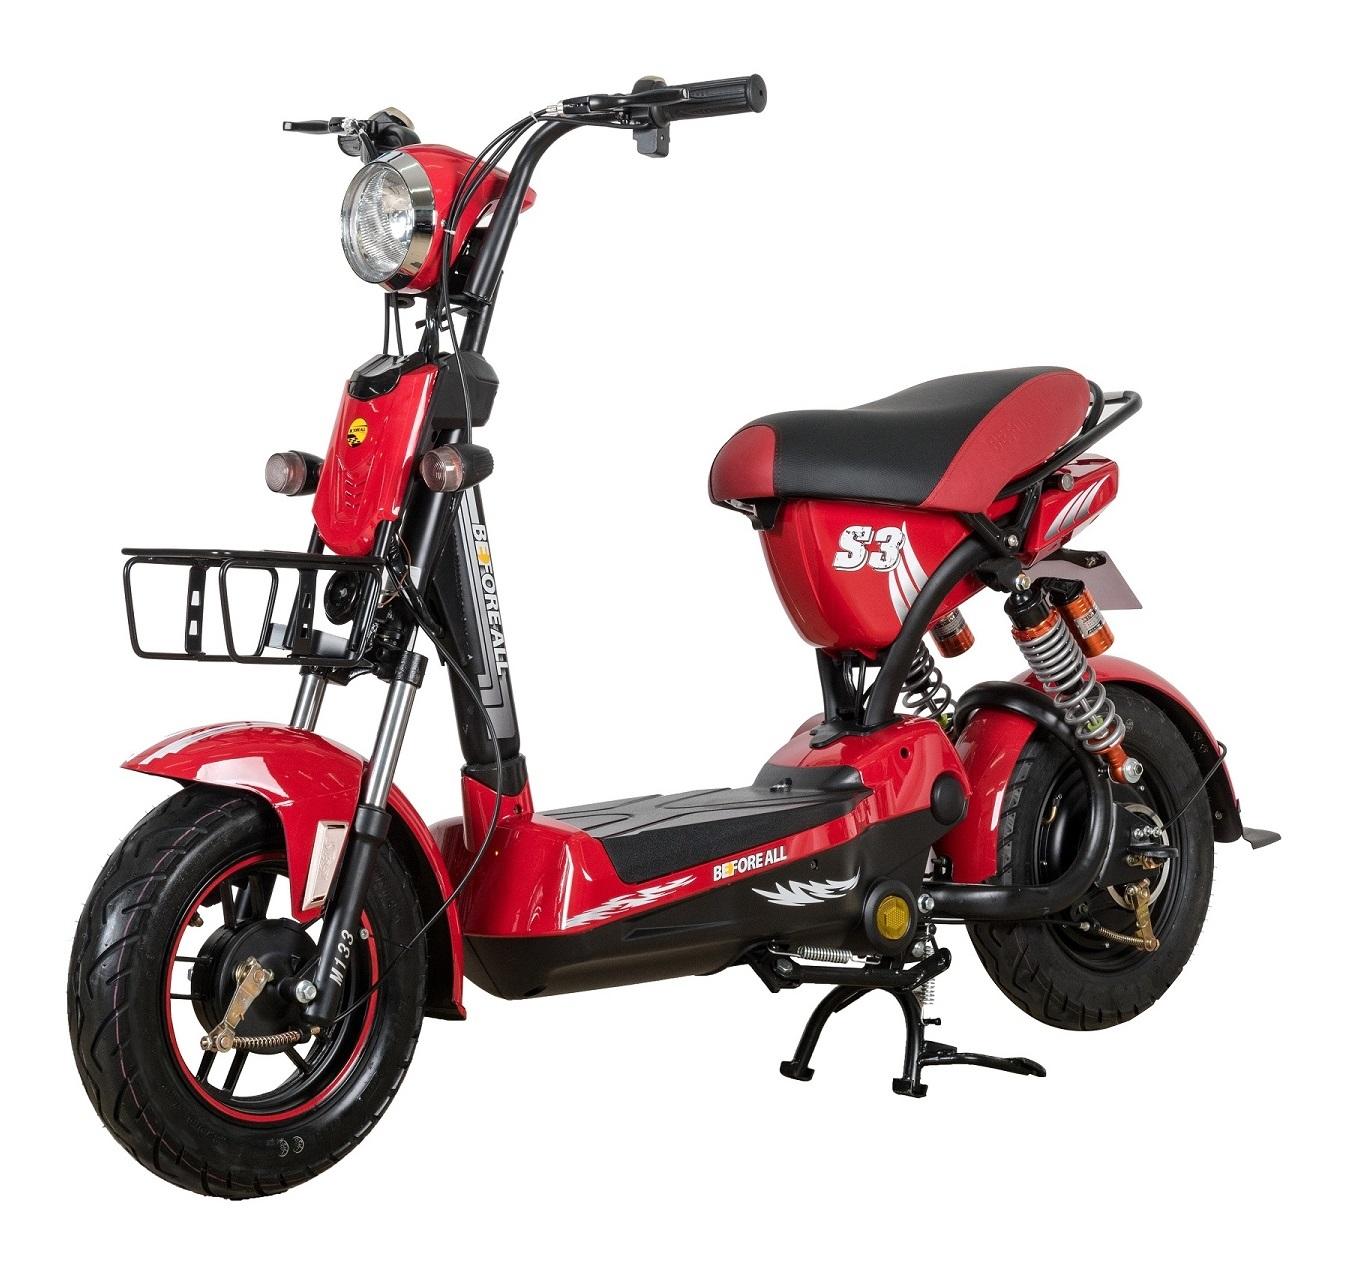 Xe đạp điện giá rẻ chất lượng tốt